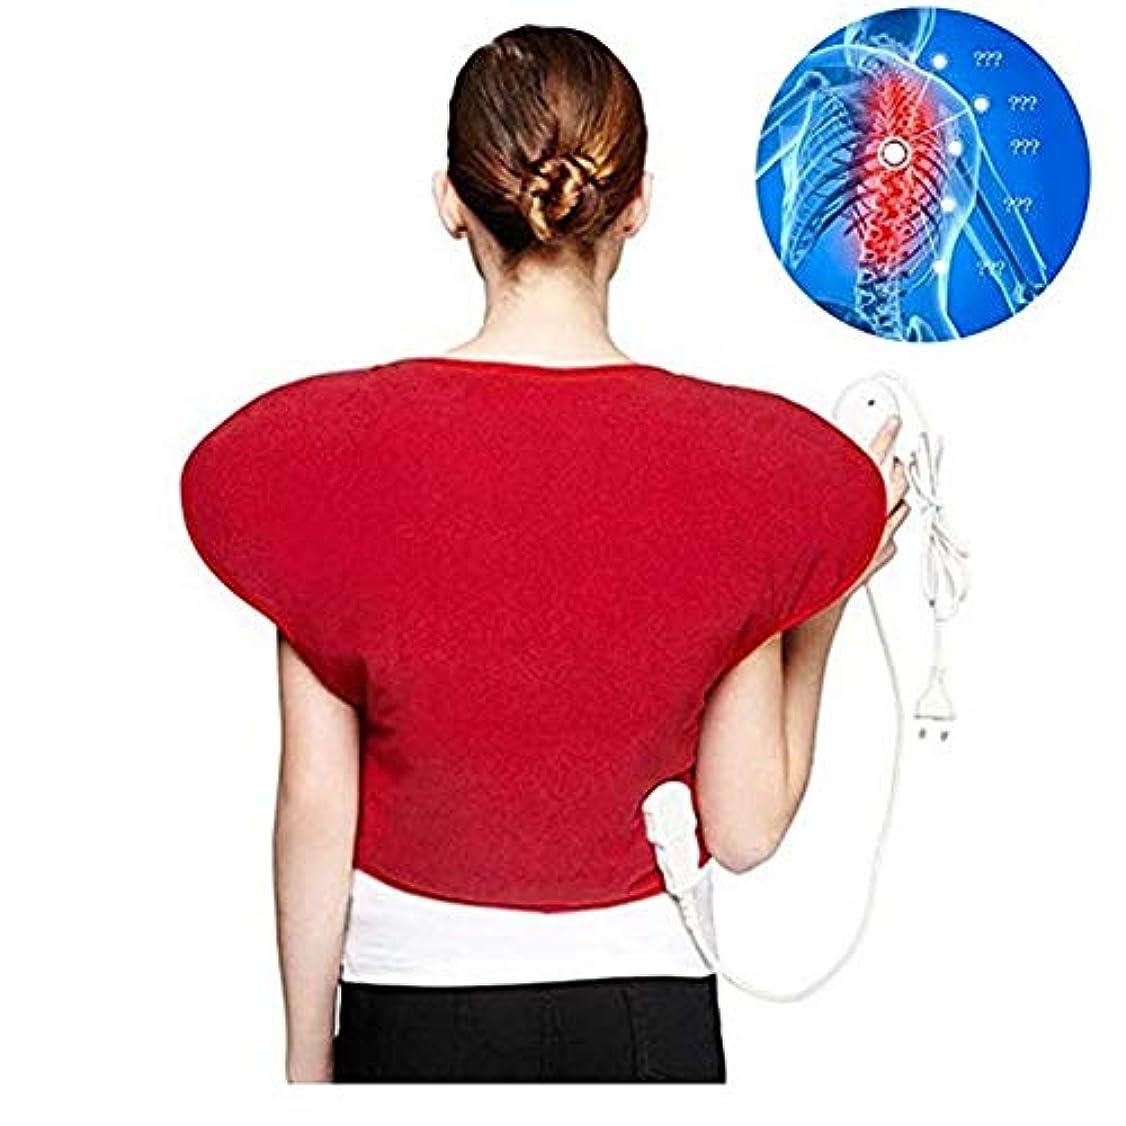 留まる乳剤湿原肩と首の電気ヒーターパッド - 物理的な痛みの救済ホットヒートのベスト、3ファイル一定の温度、自動パワーオフ、医療用品蝶形のマッサージのヒートパッド